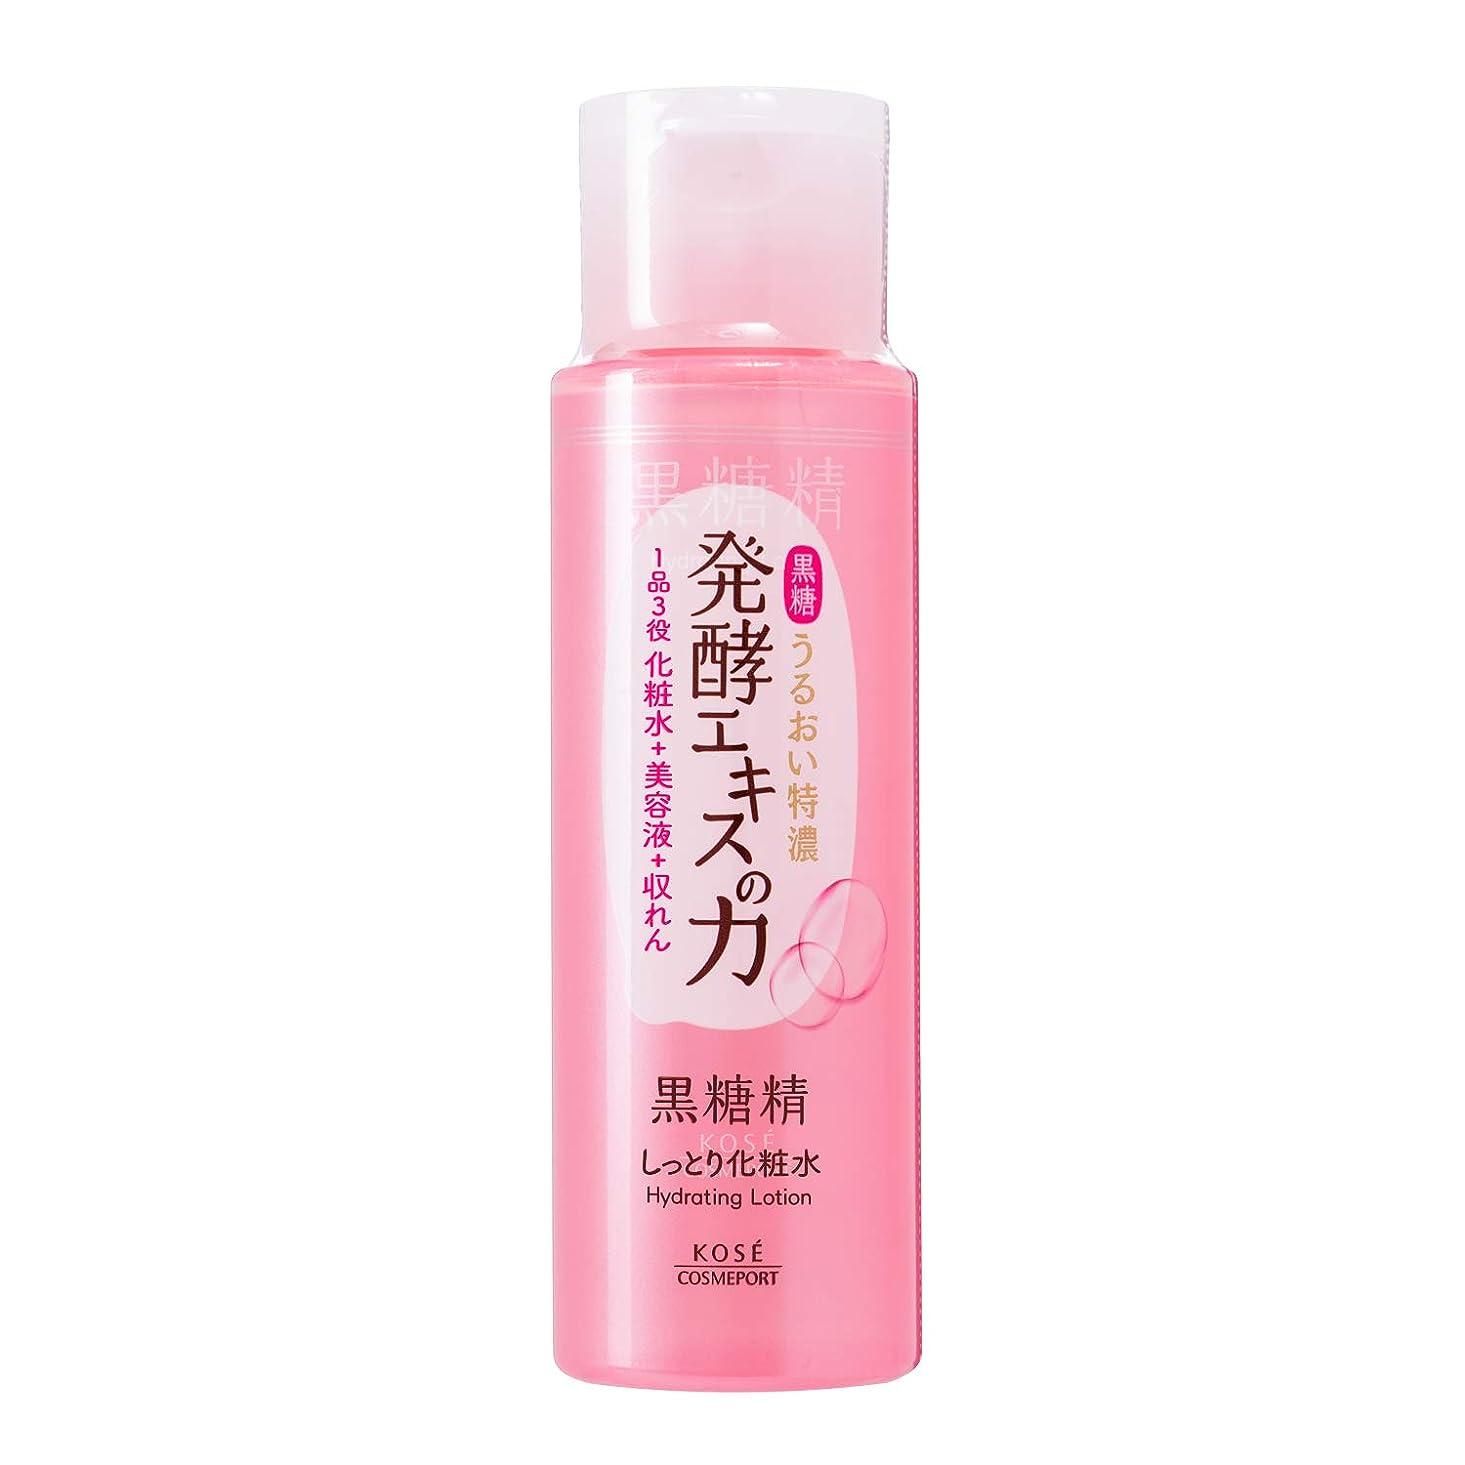 革命的衝撃シリーズKOSE 黒糖精 しっとり 化粧水 180mL